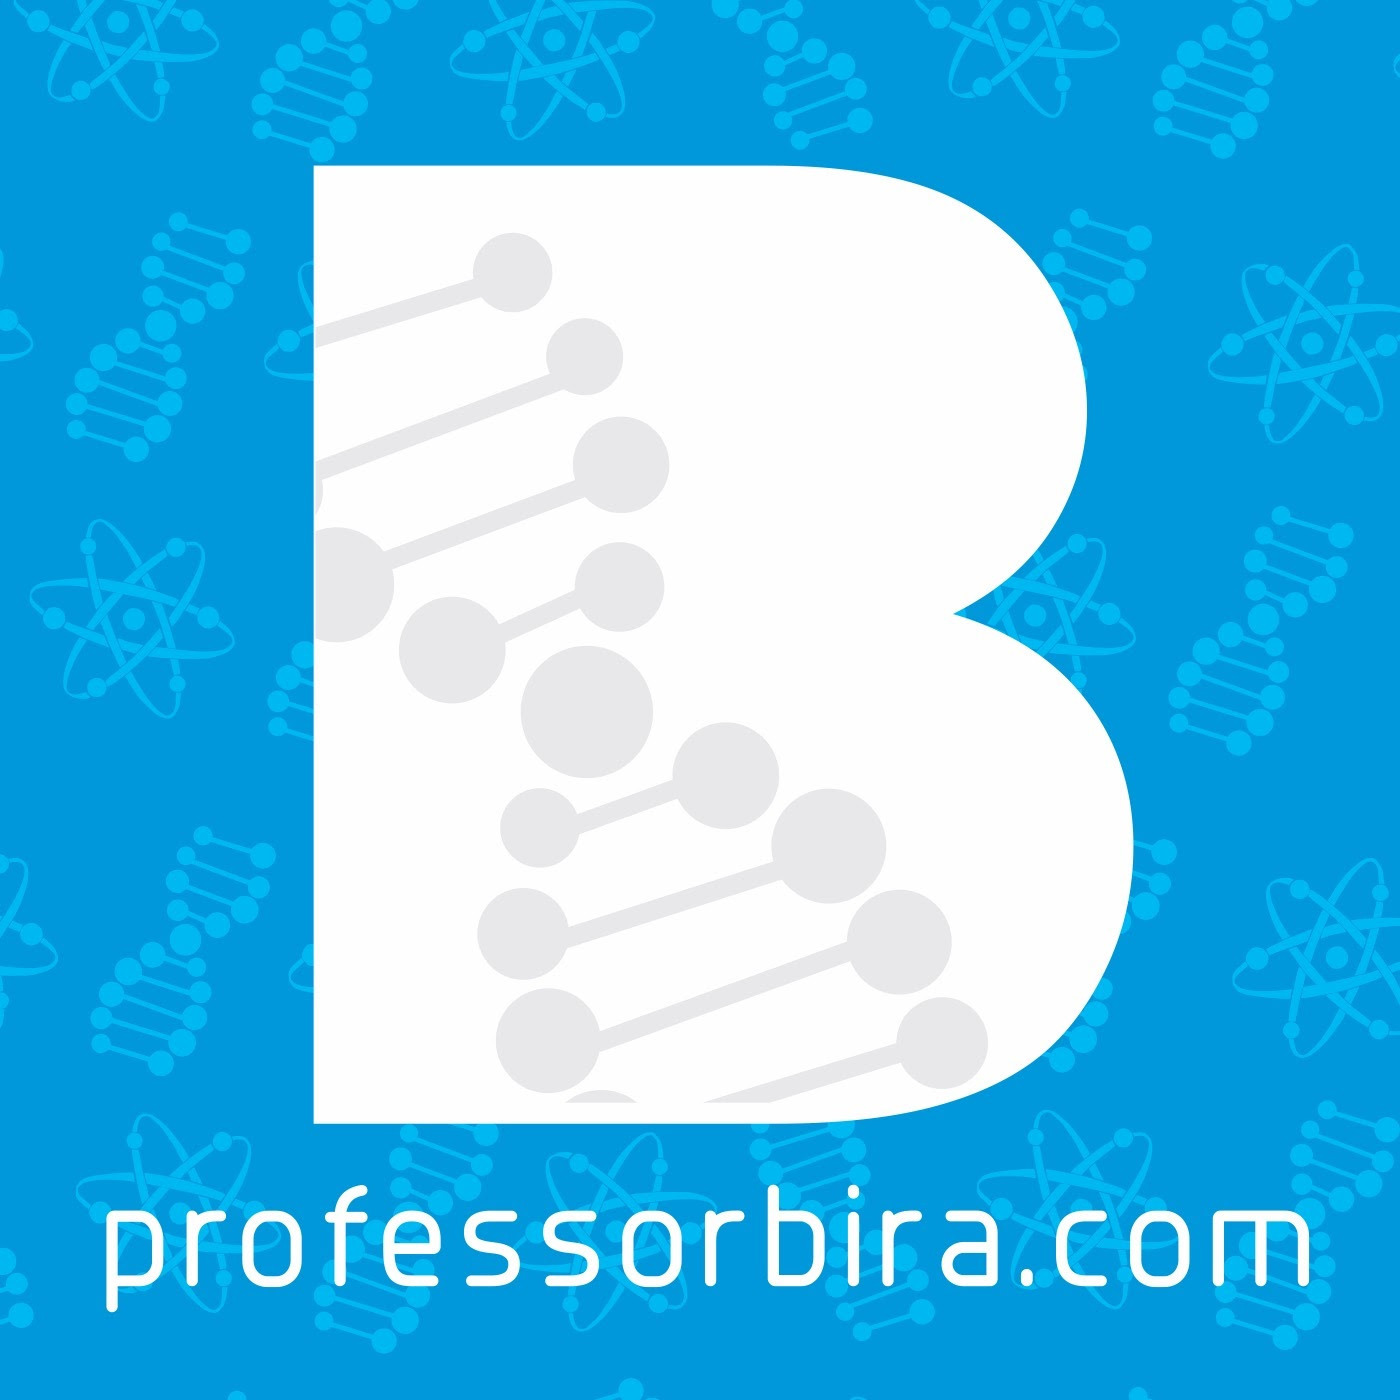 Aula de Biologia - Ep. 5 - Noções Gerais de Ecologia